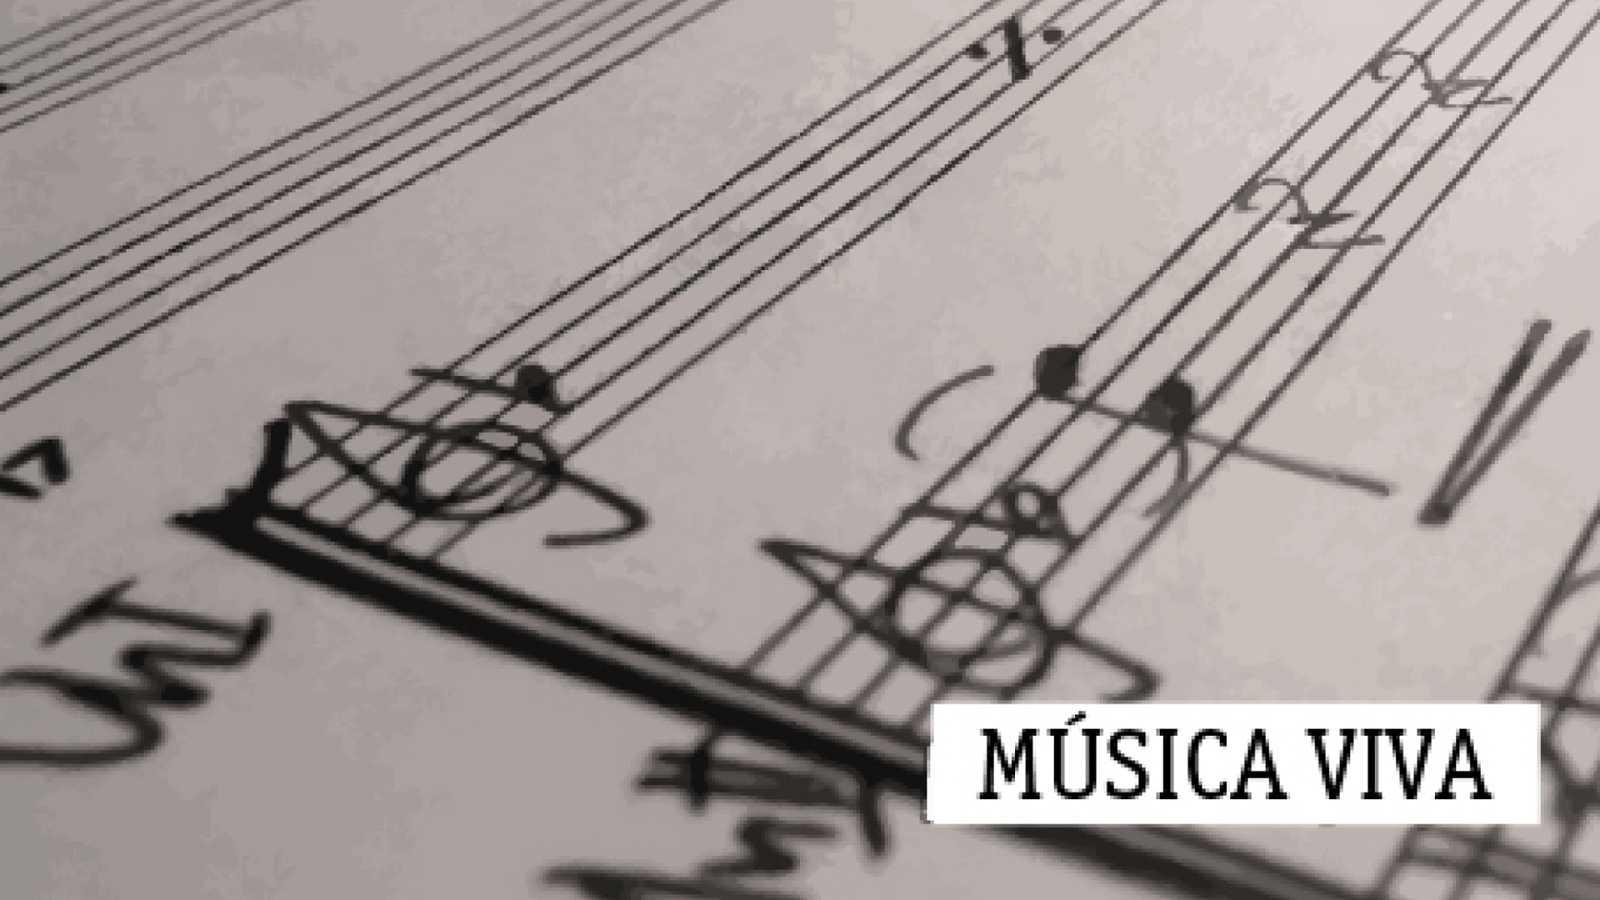 Música Viva - Propuestas veraniegas - 28/06/20 - escuchar ahora